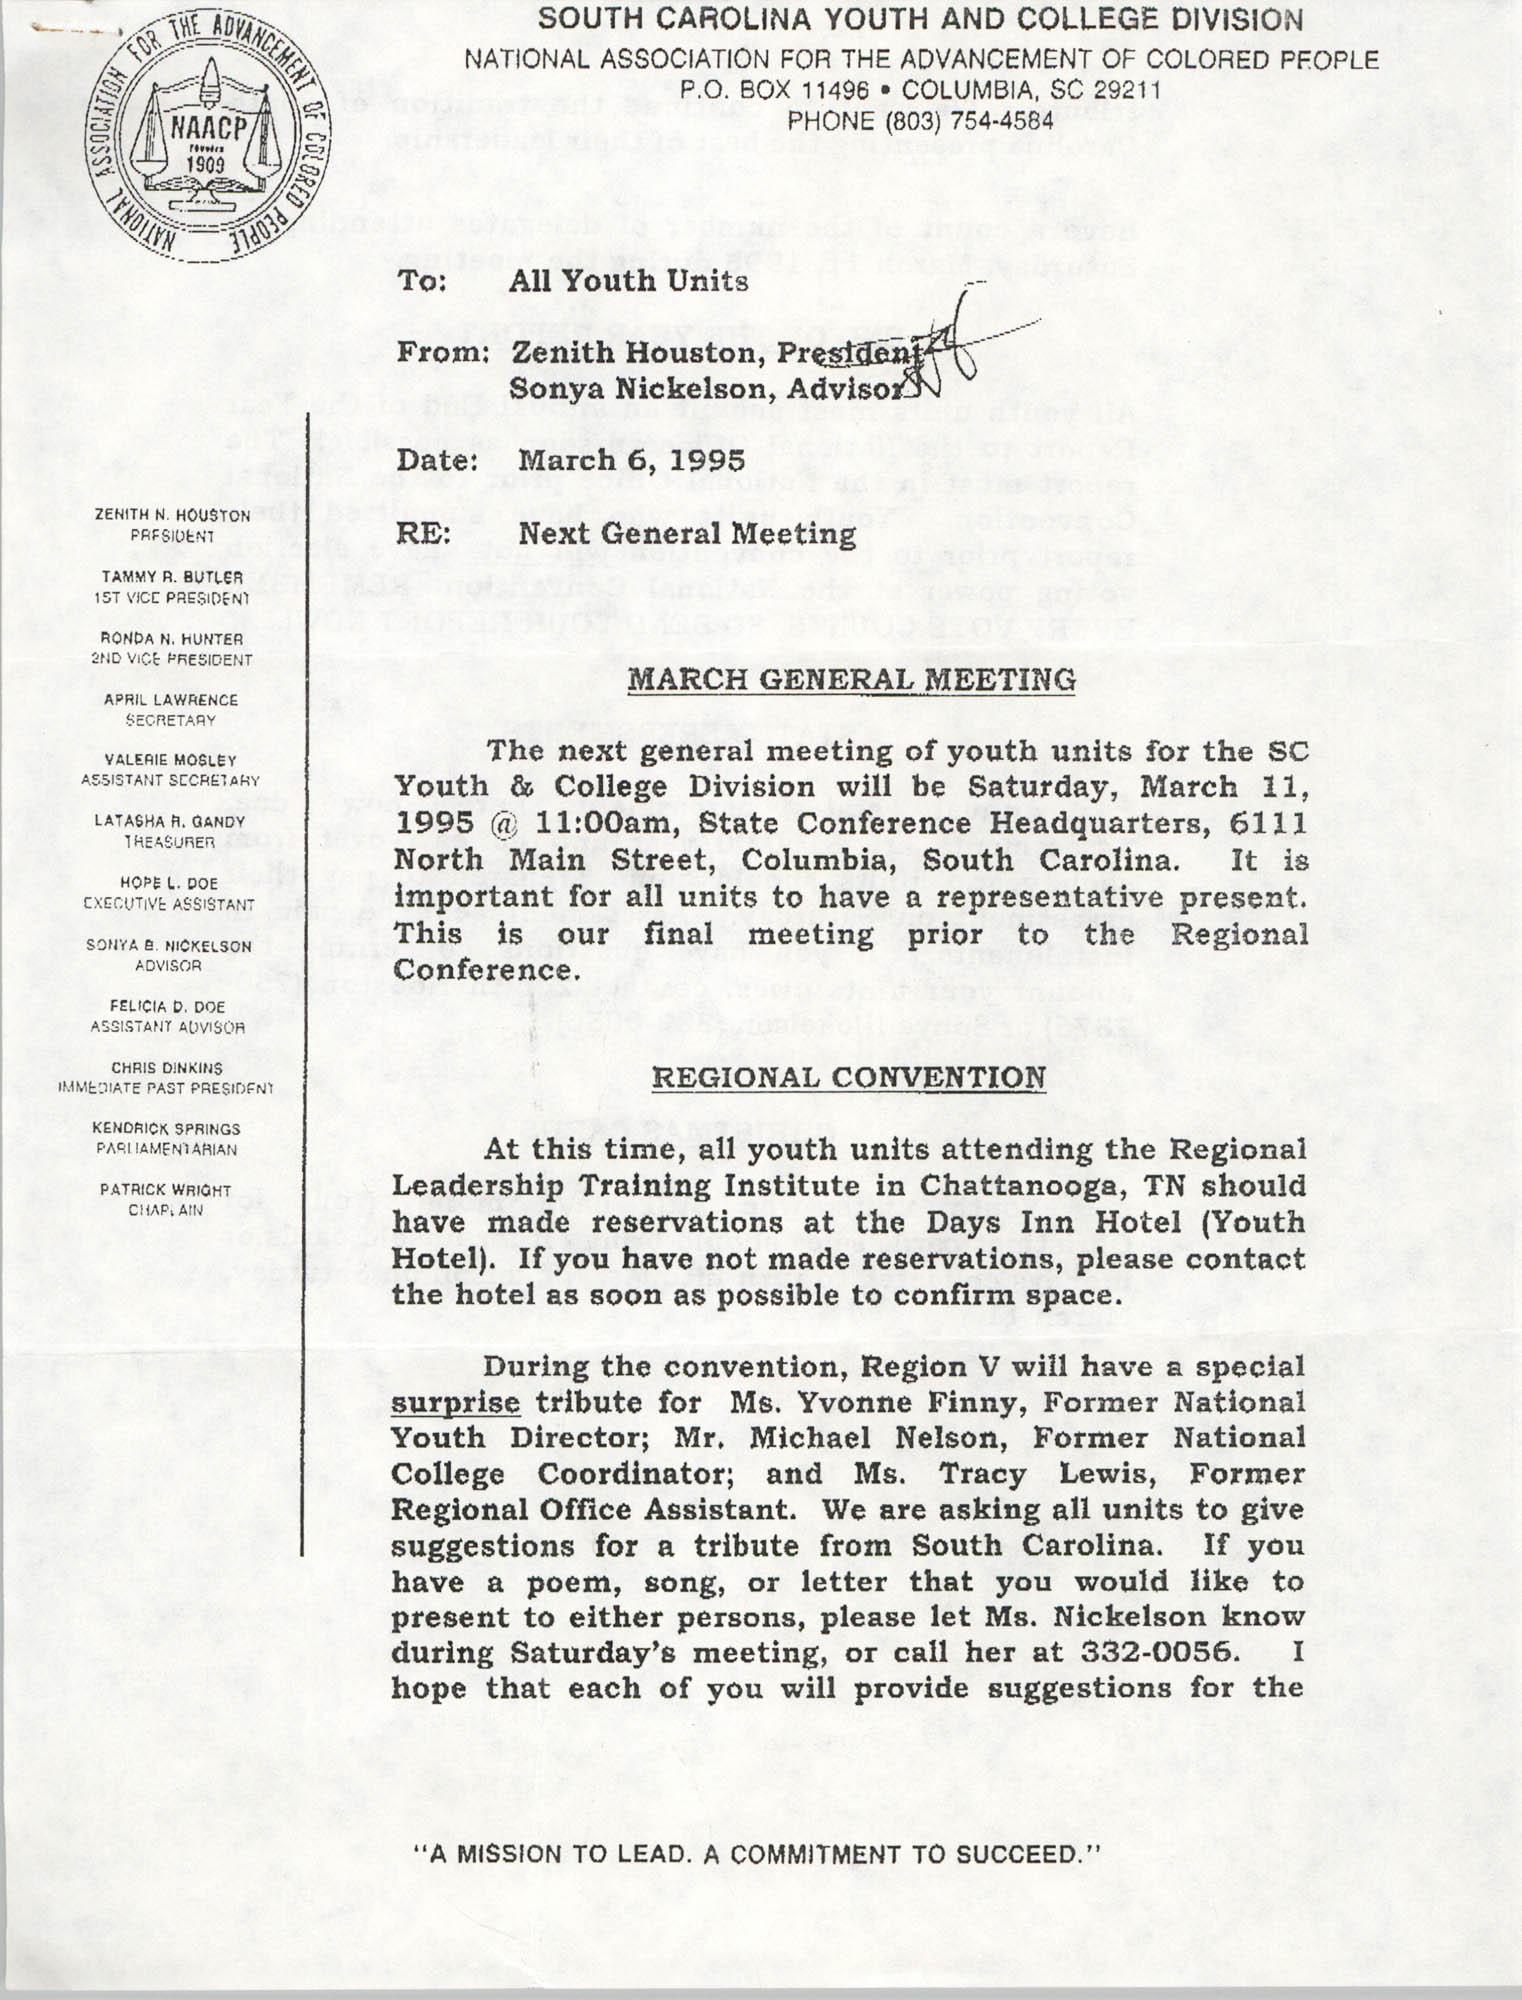 Memorandum, Zenith Houston, March 6, 1995